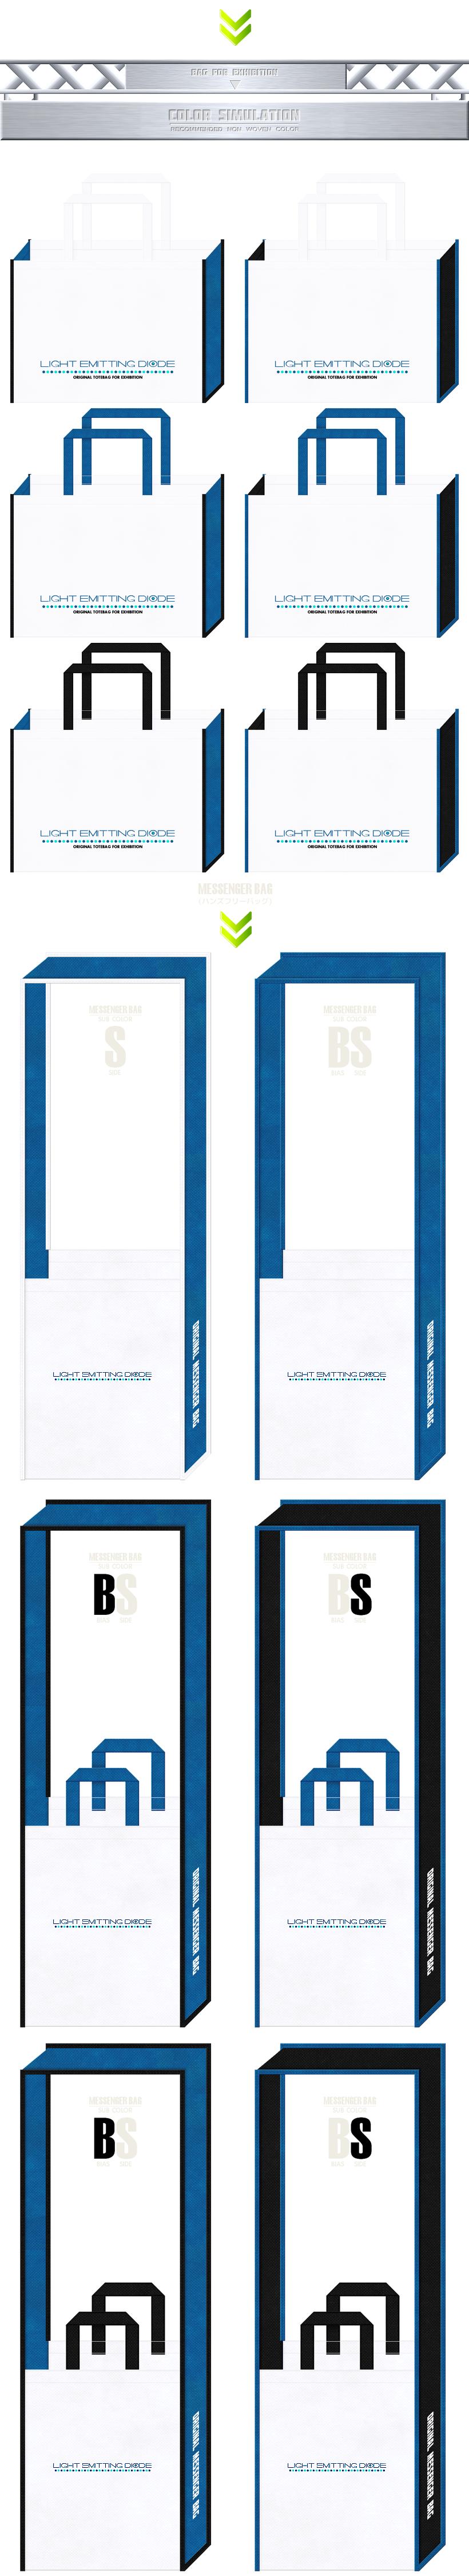 白色・青色・黒色の3色仕様の不織布バッグのカラーシミュレーション(水素・電子部品・LED):LED製品の展示会用バッグ